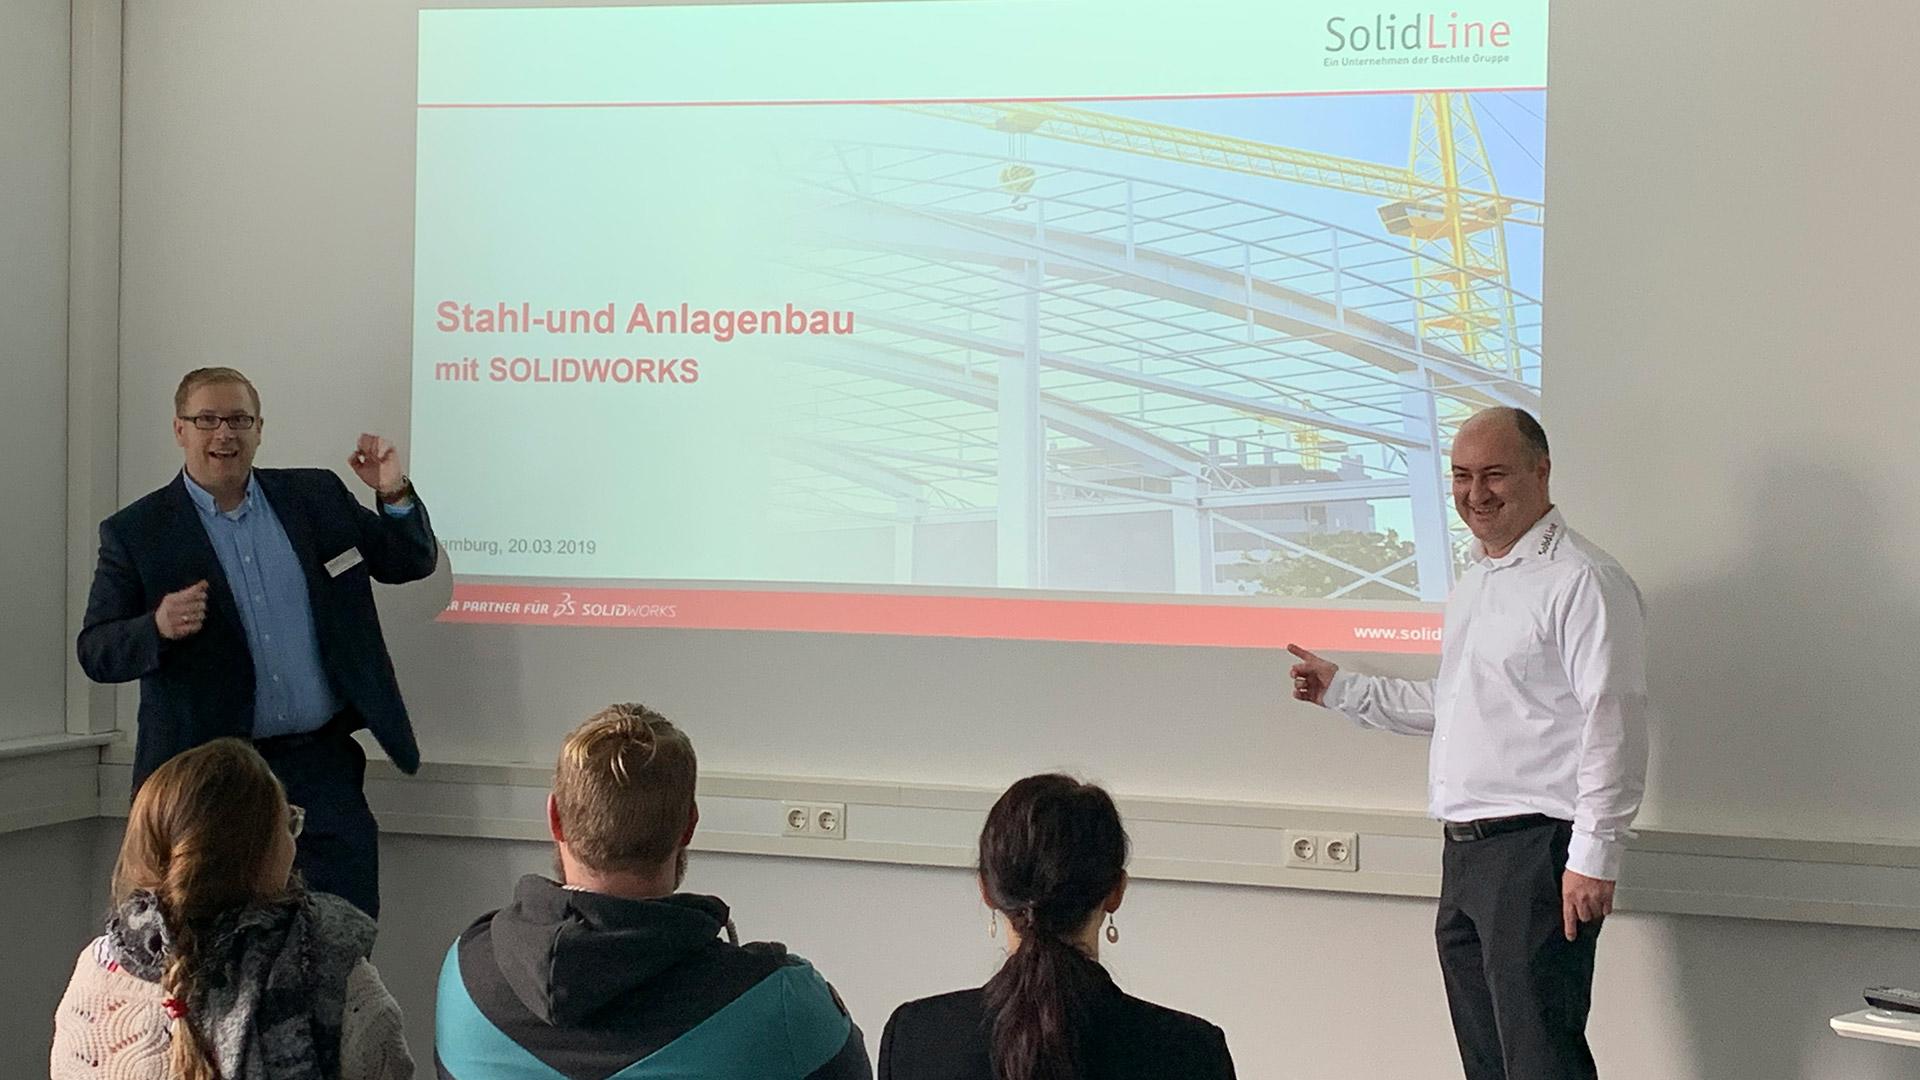 SolidLine Stahl- und Anlagenbau Events